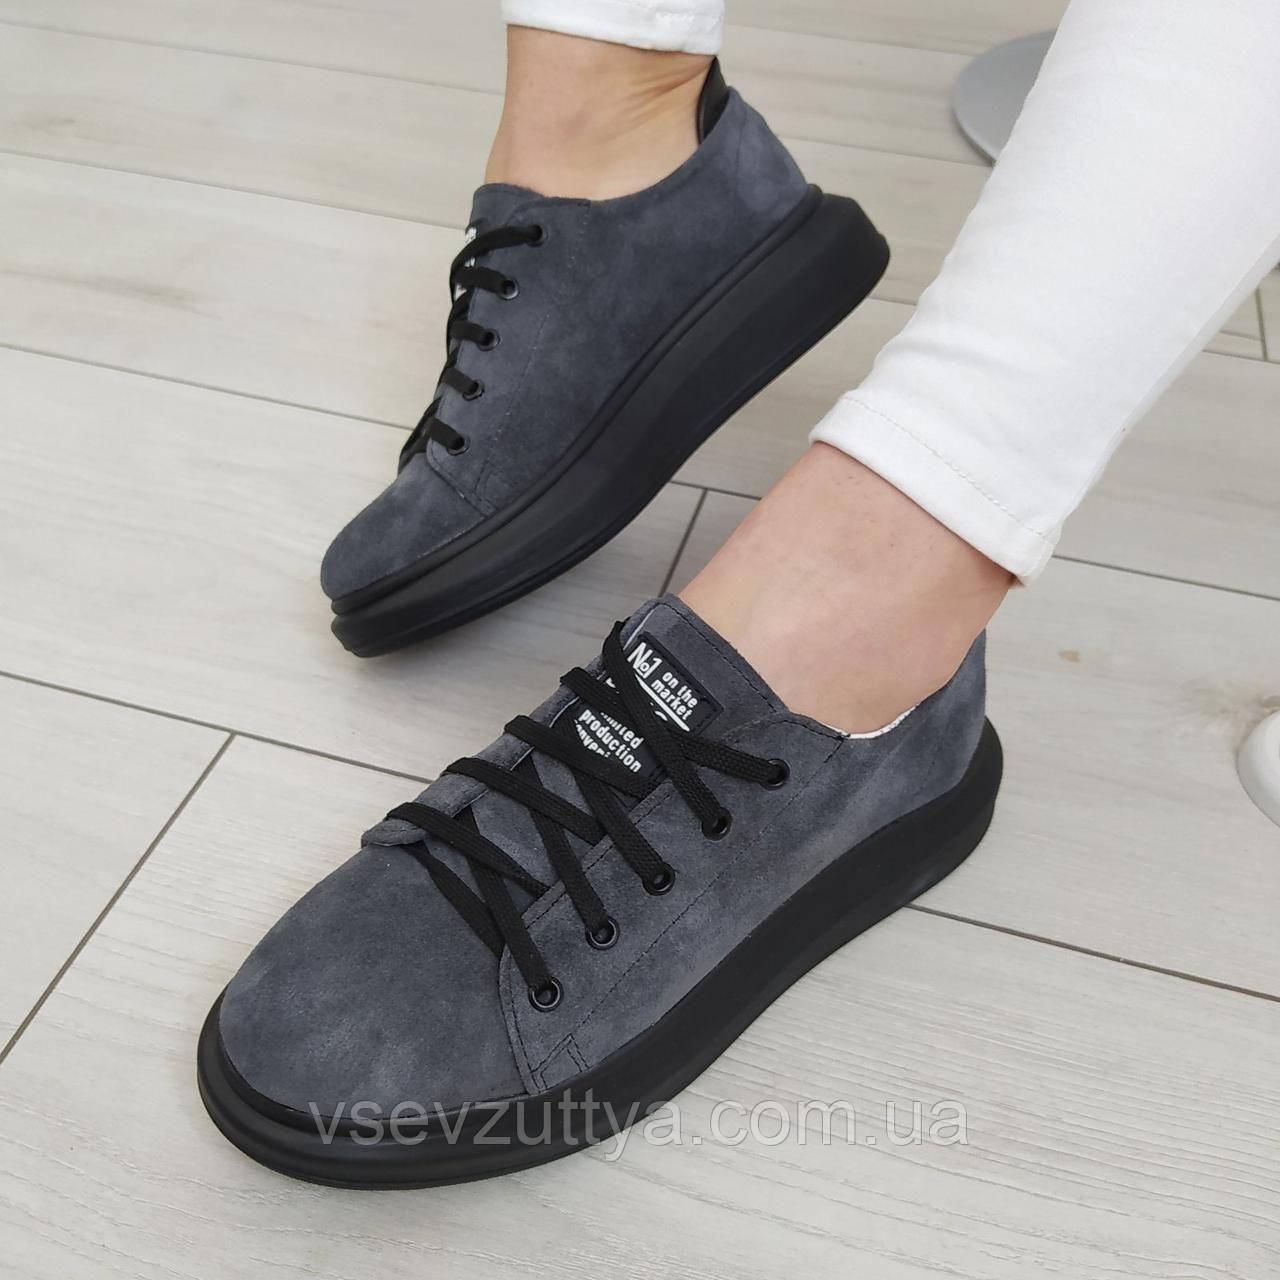 Кожаные женские кроссовки серые